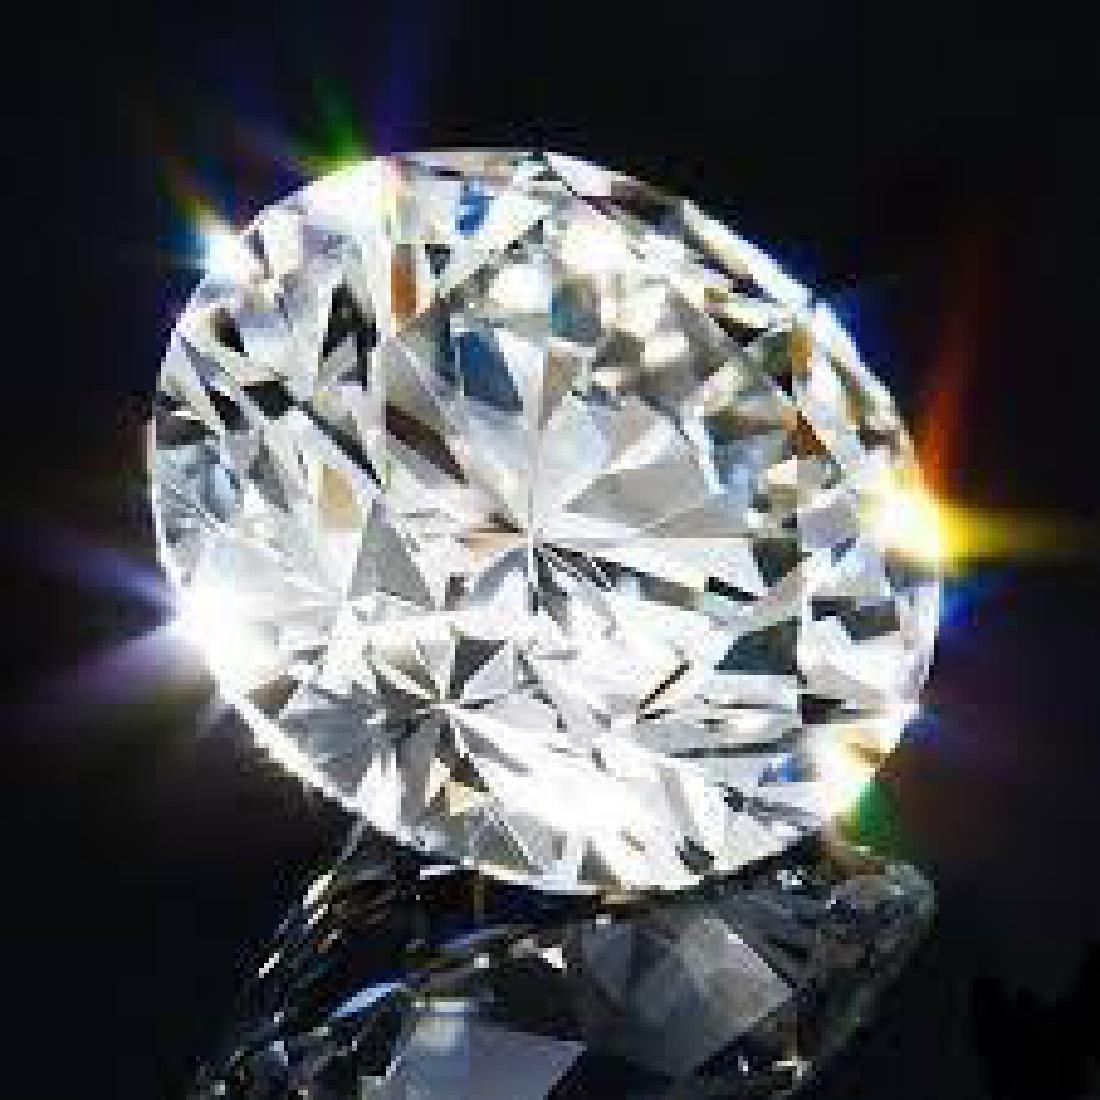 3.87cts Bianco Diamond Grade 6AAAAAA - Loose Stone